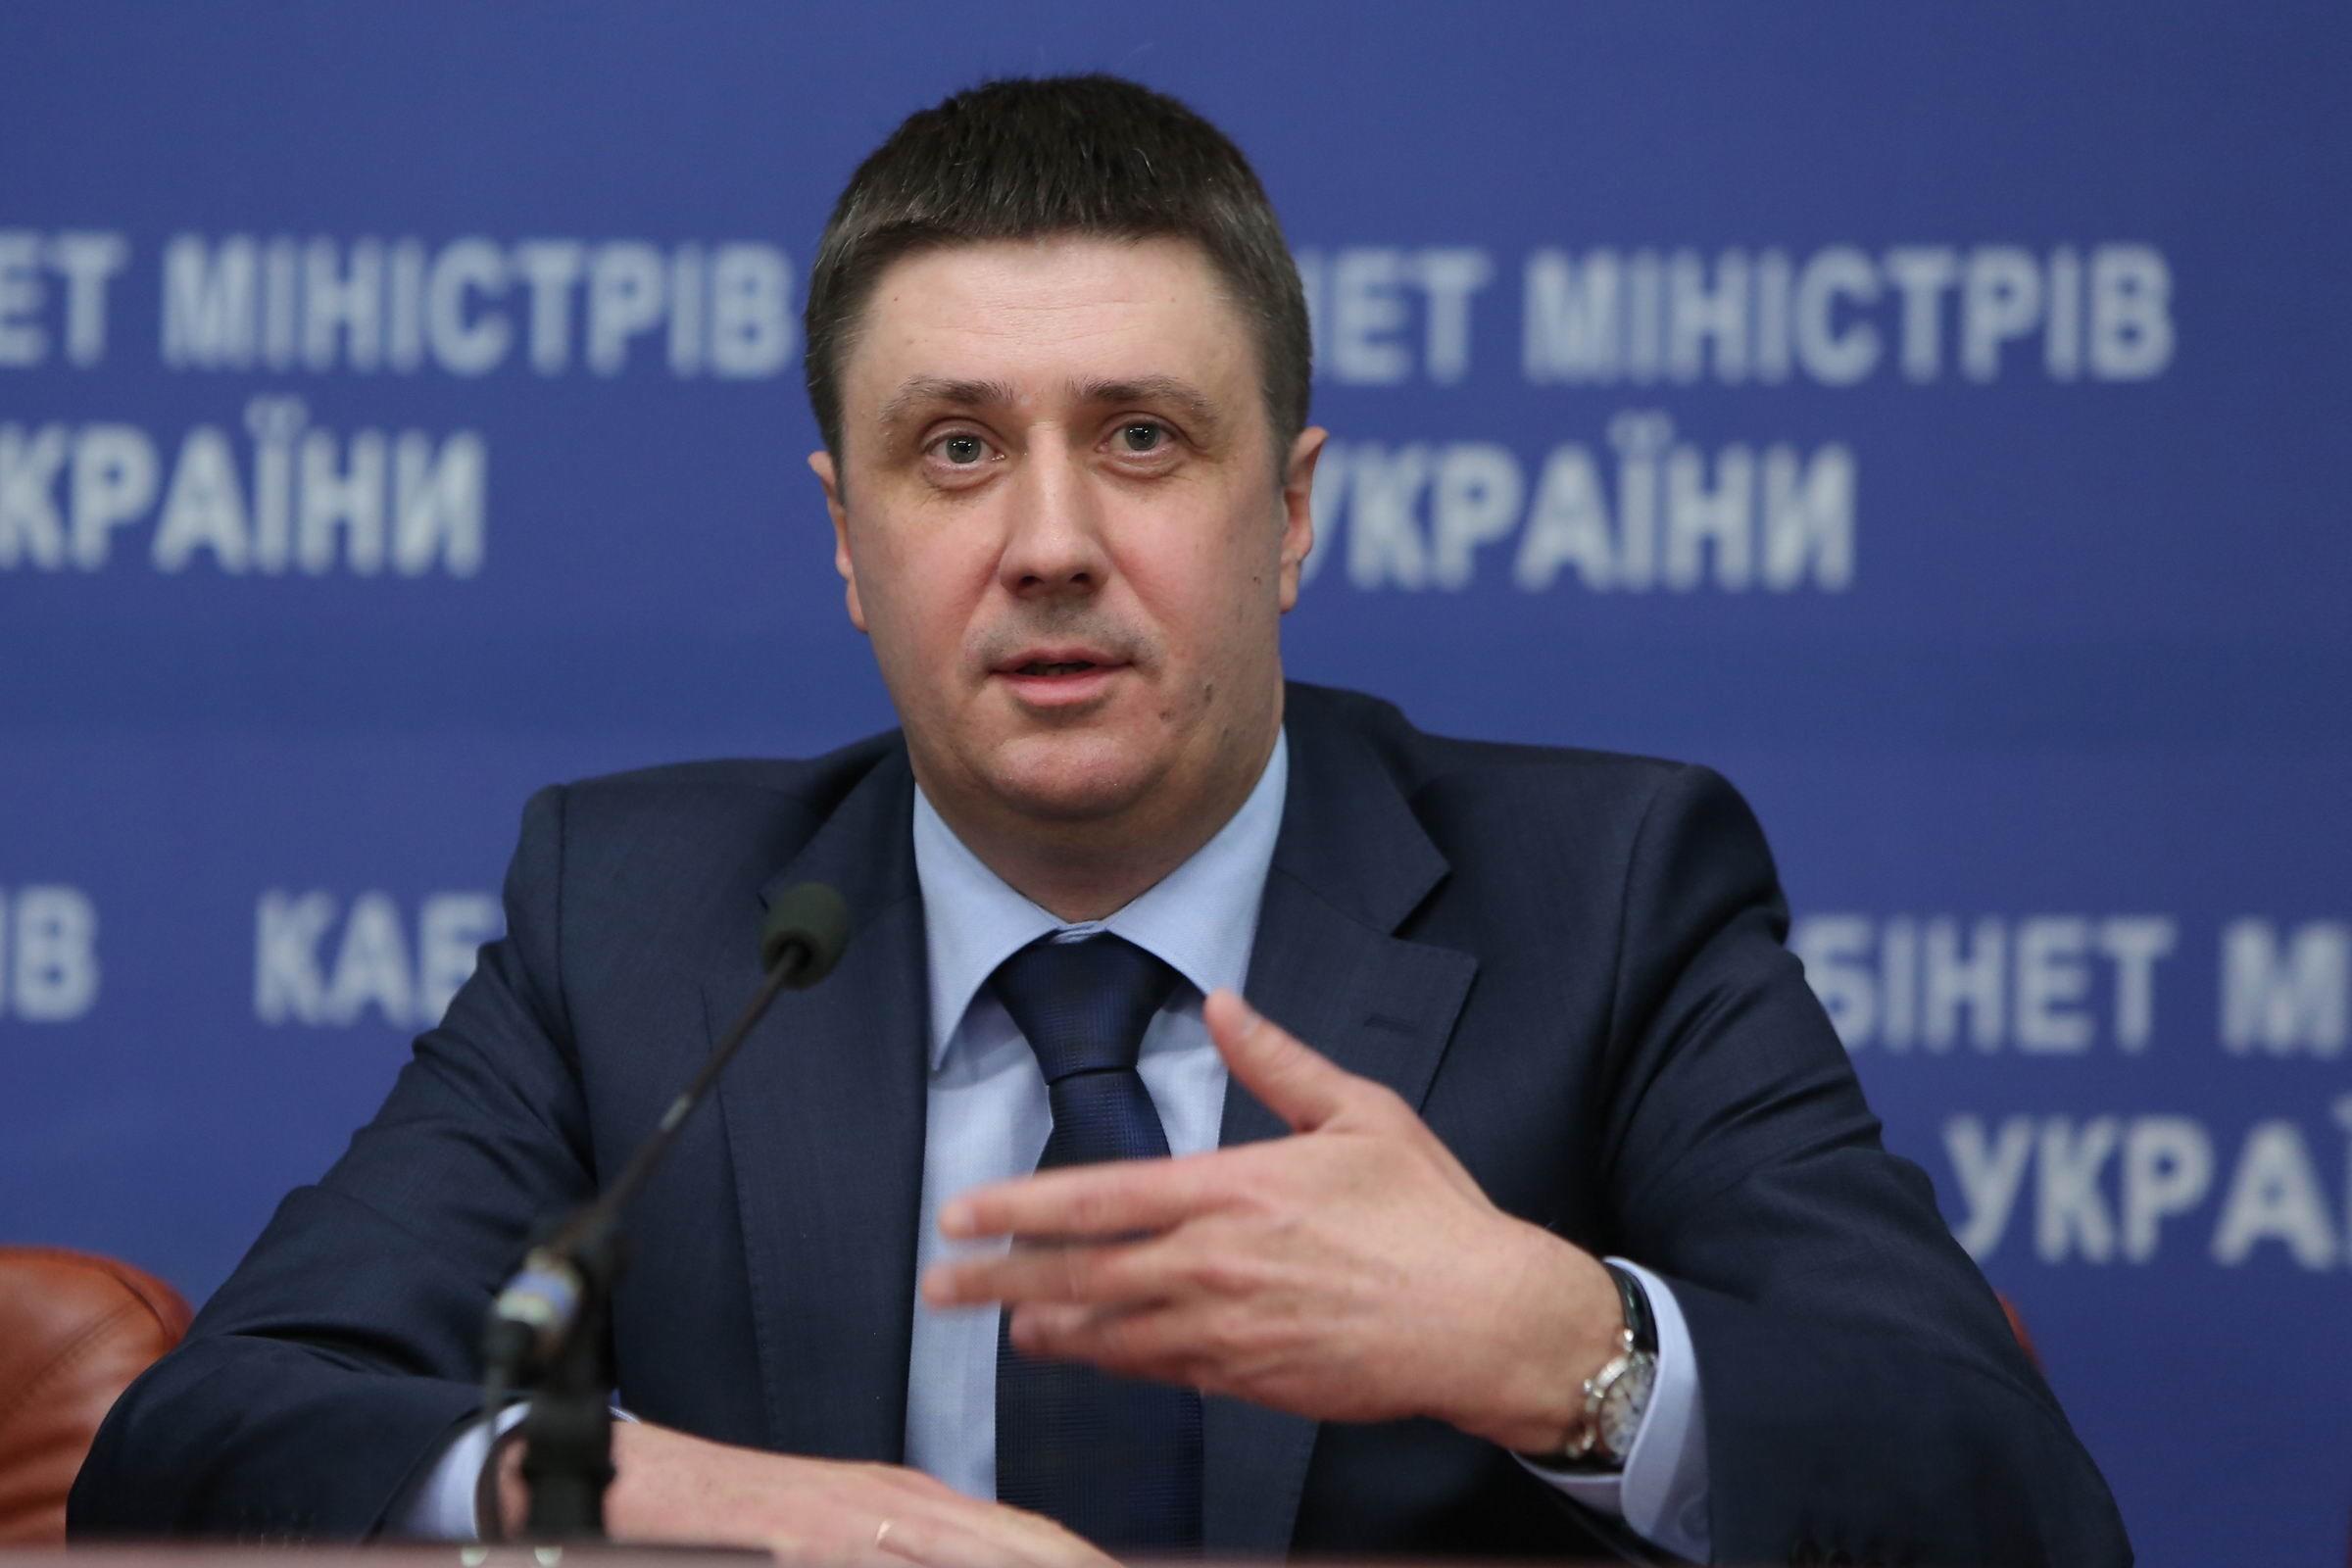 Вице-премьер Кириленко не захотел меняться часами со студентом